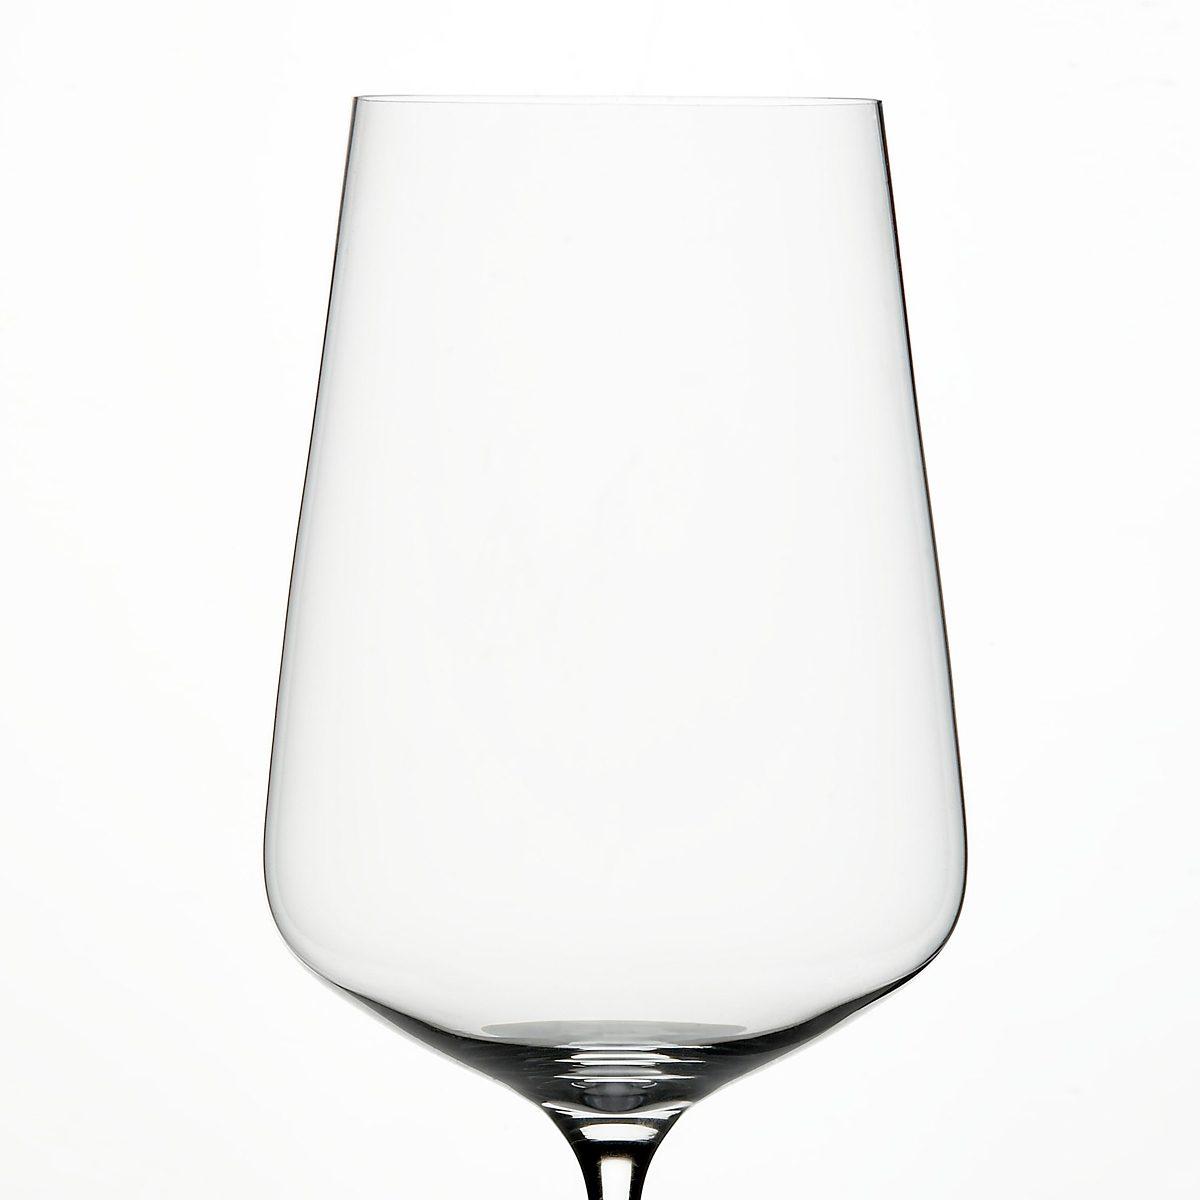 Zalto Zalto Universalweinglas mundgeblasen